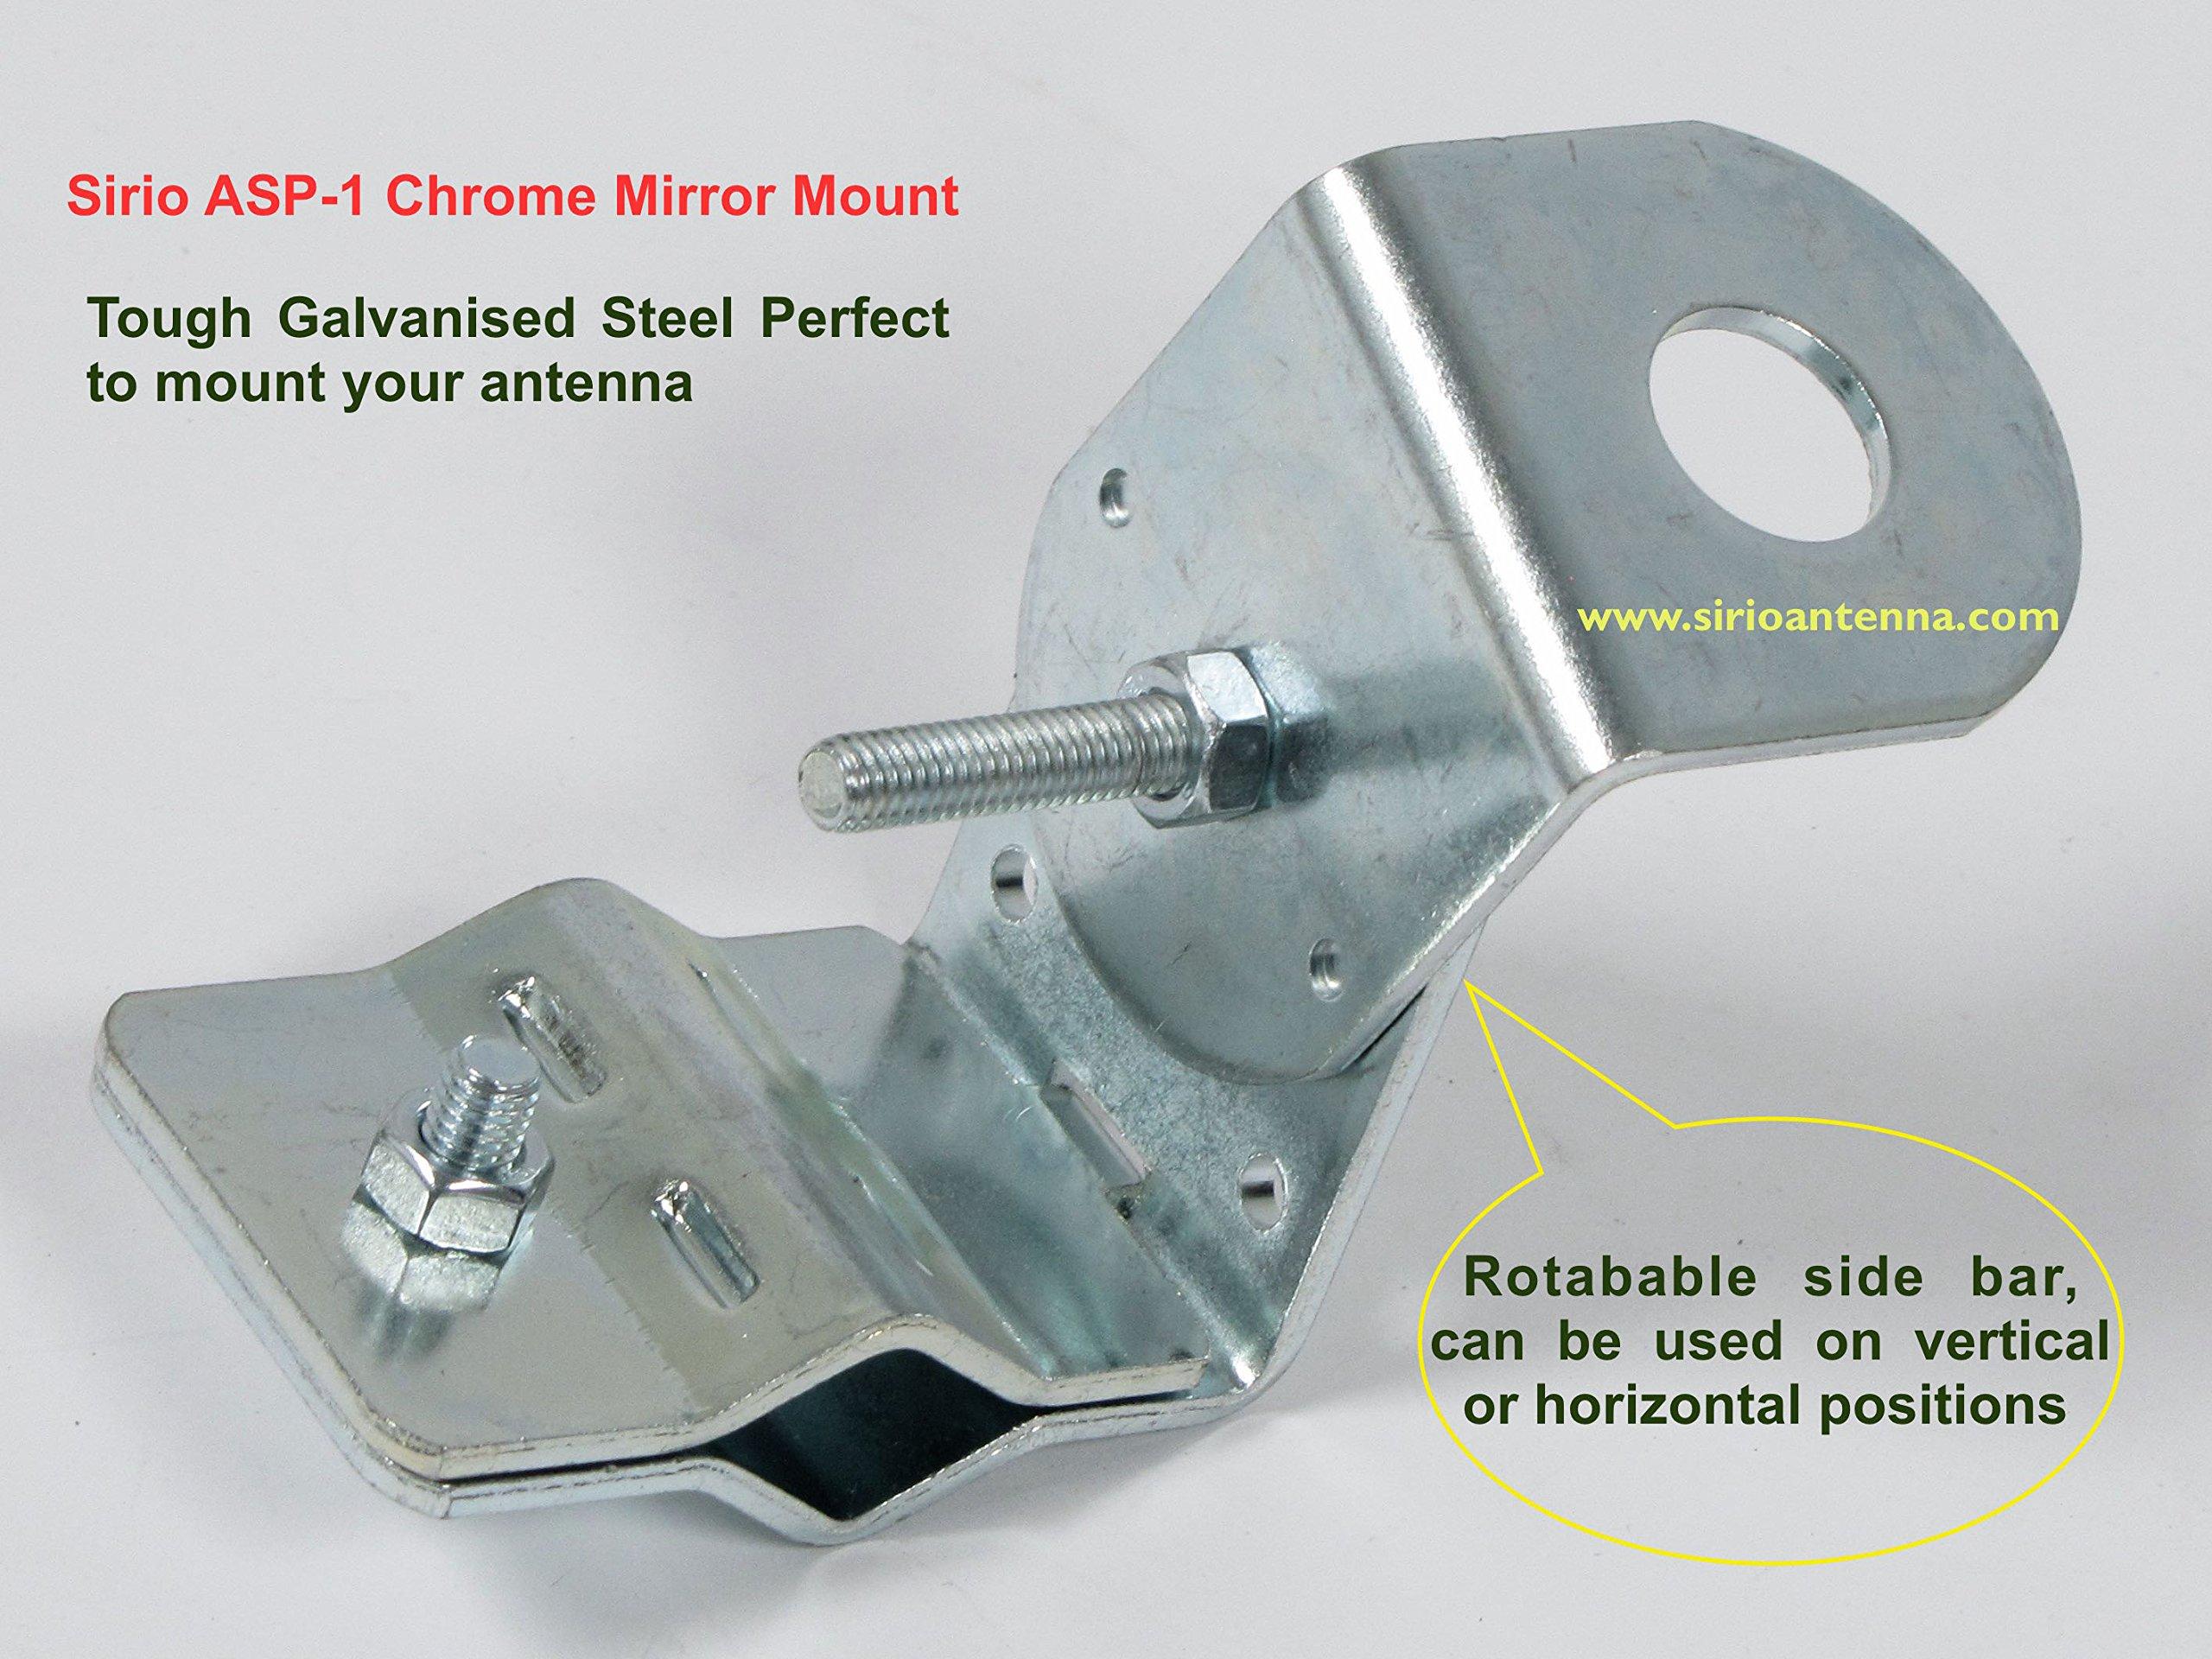 Sirio ASP-1 Chrome Mirror Mount for CB Antenna